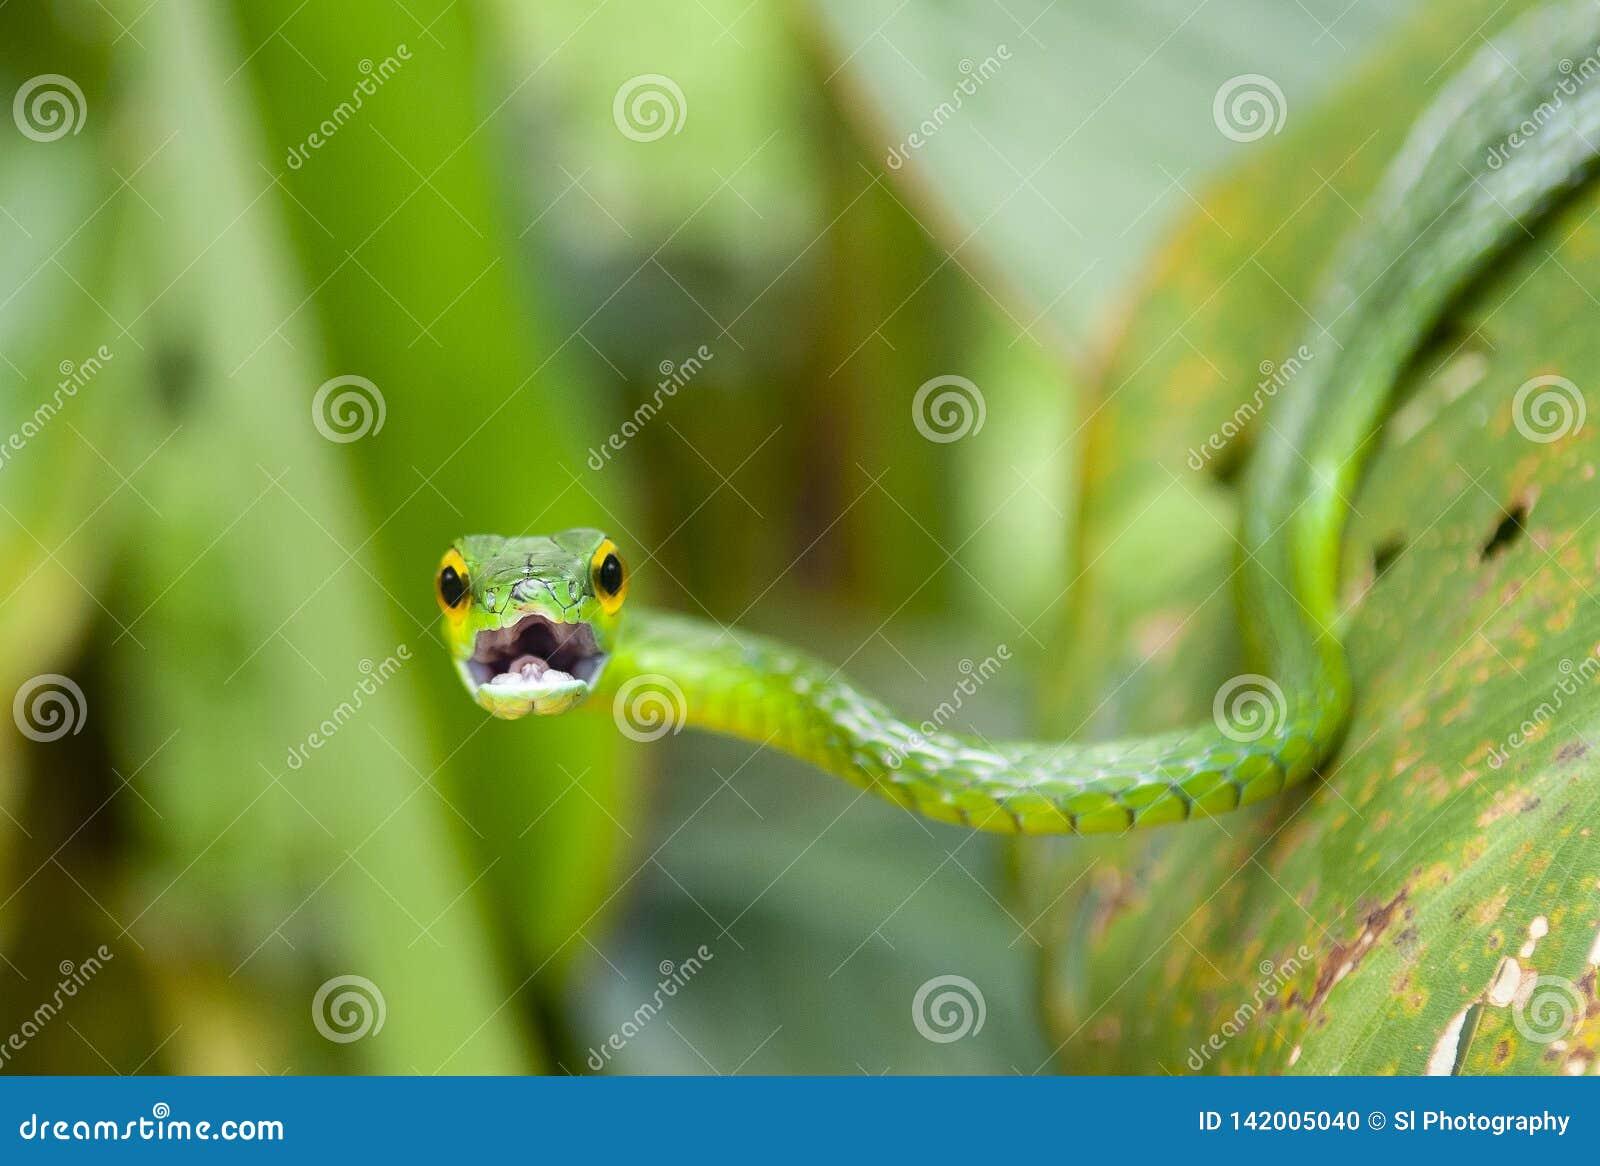 Serpente de videira verde, Costa Rica